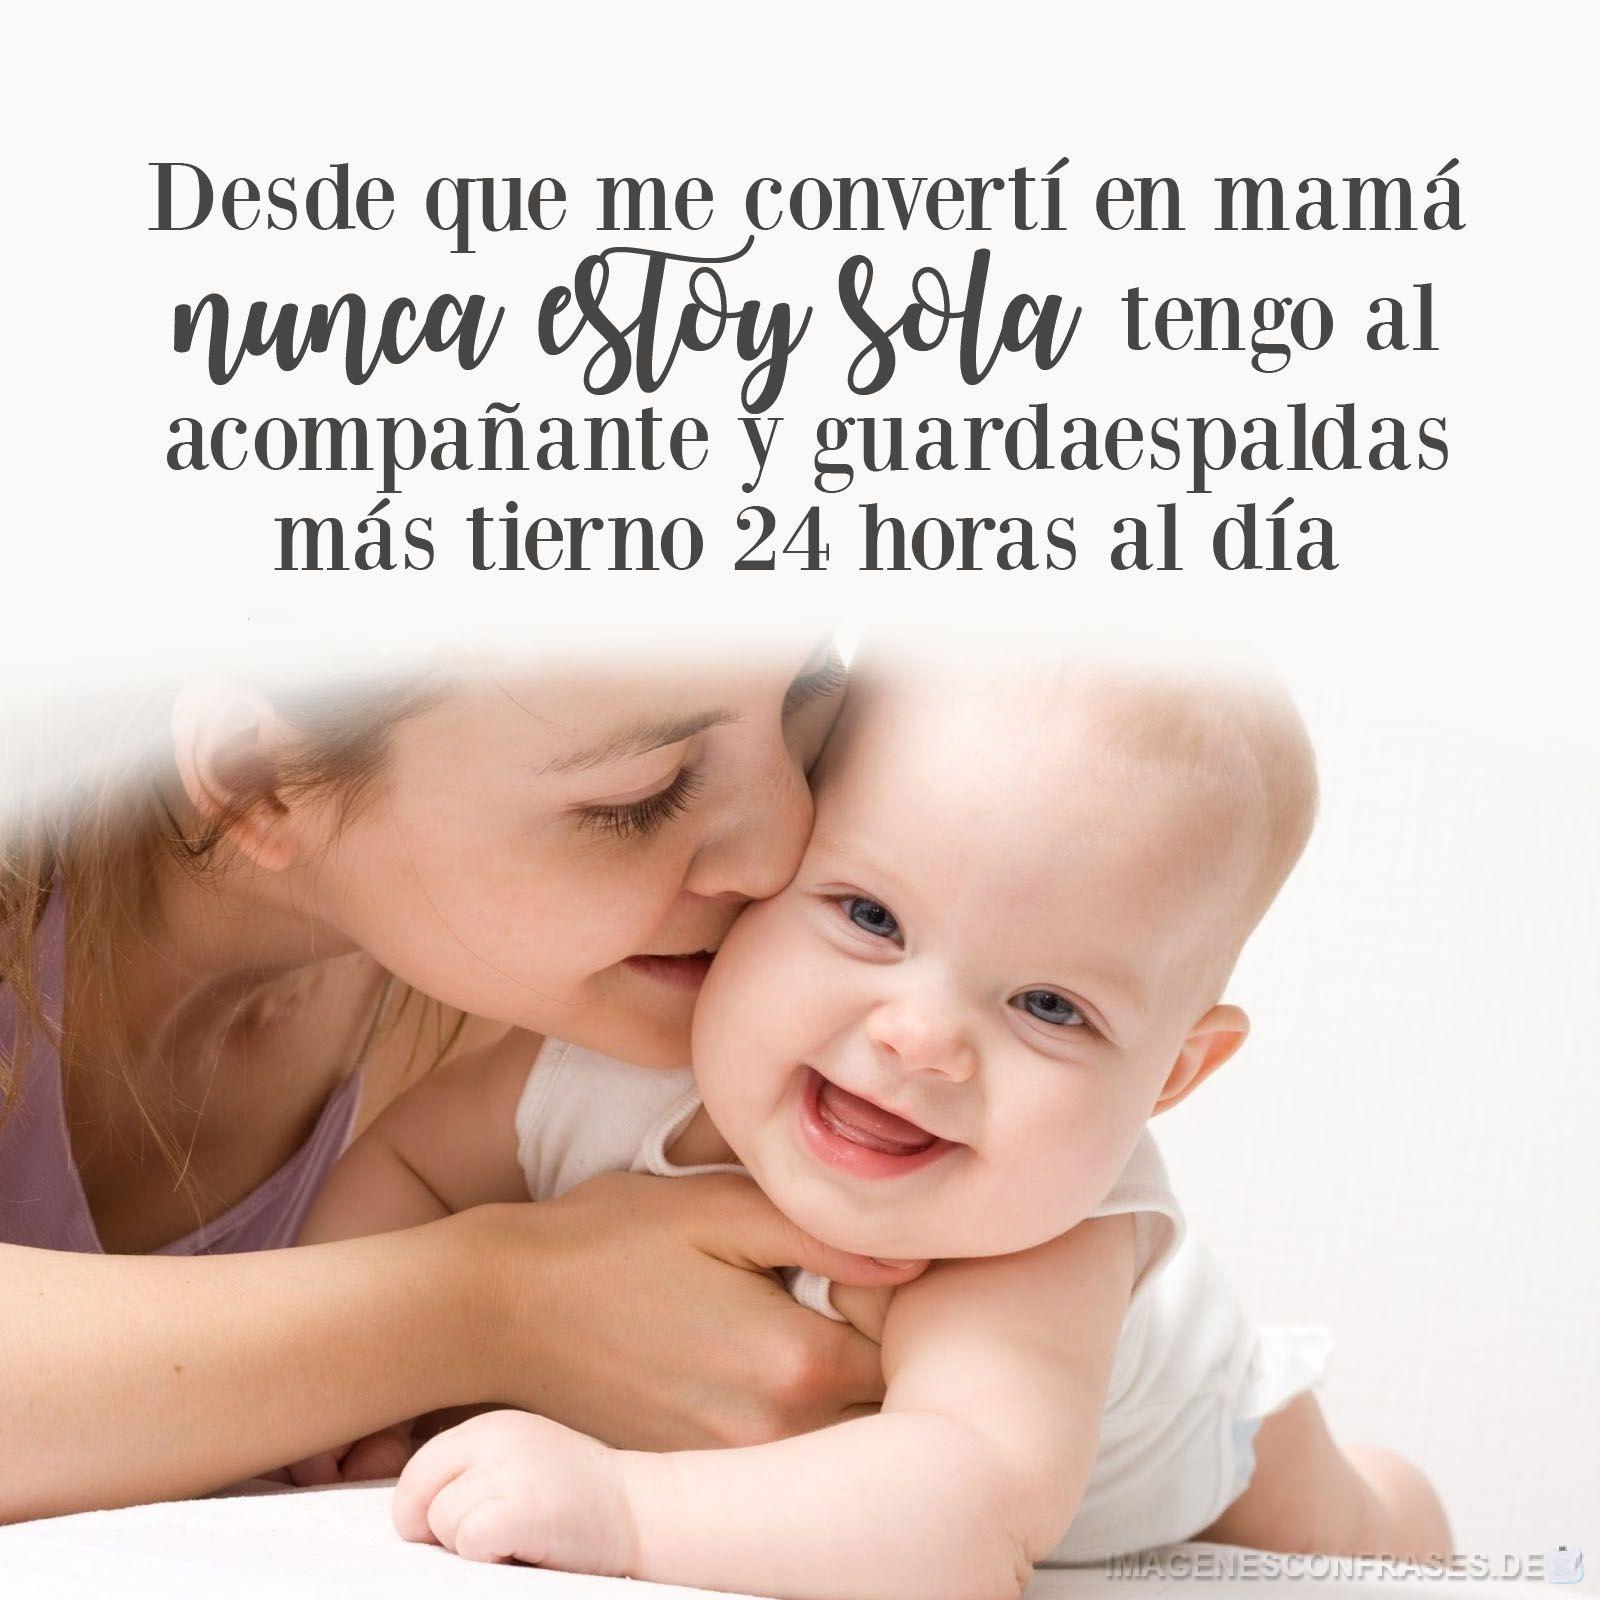 Imagenes de Bebes con Frases (44)